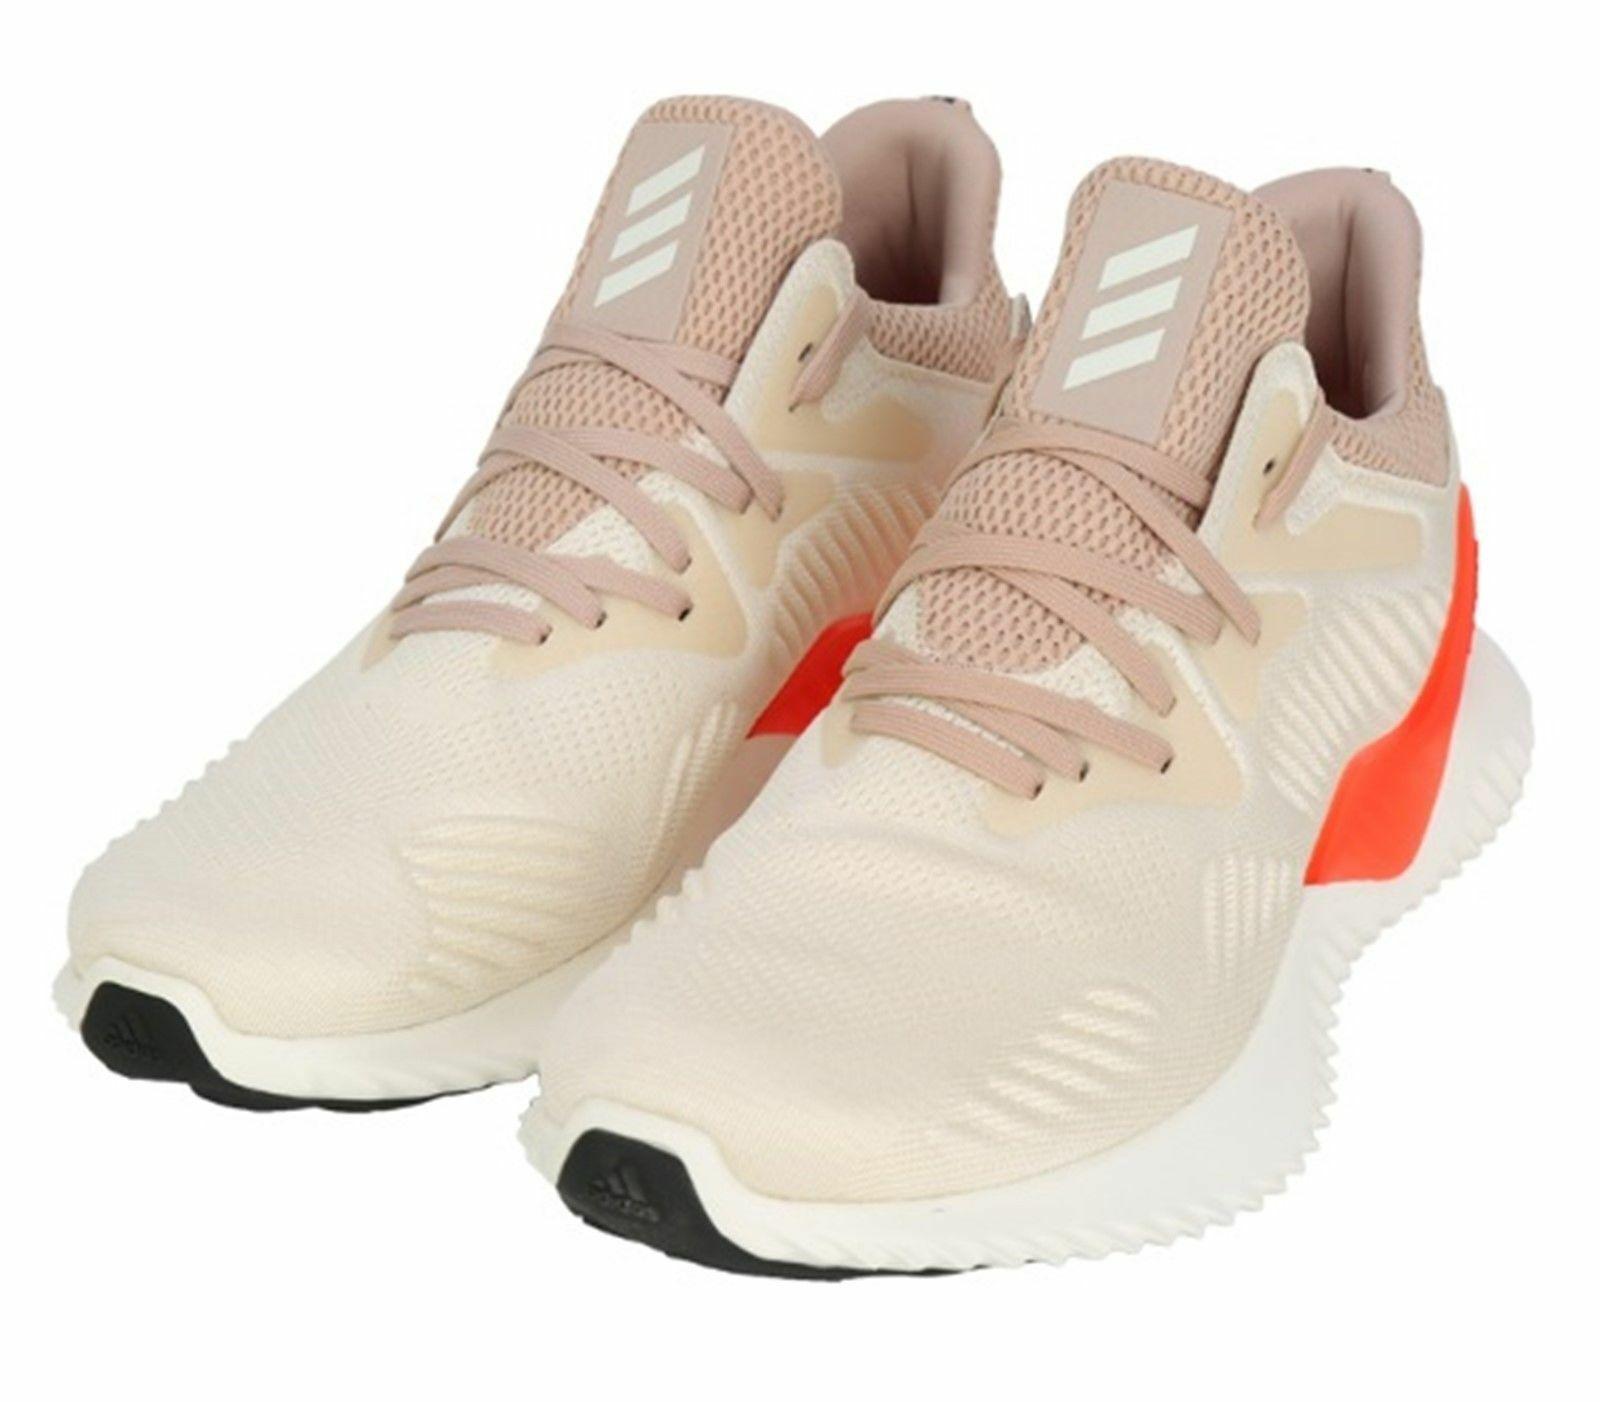 nouveau in Box Adidas Originals Homme AlphaBounce Beyond Chaussure De Course Sz US 8.5 CG4763 G79